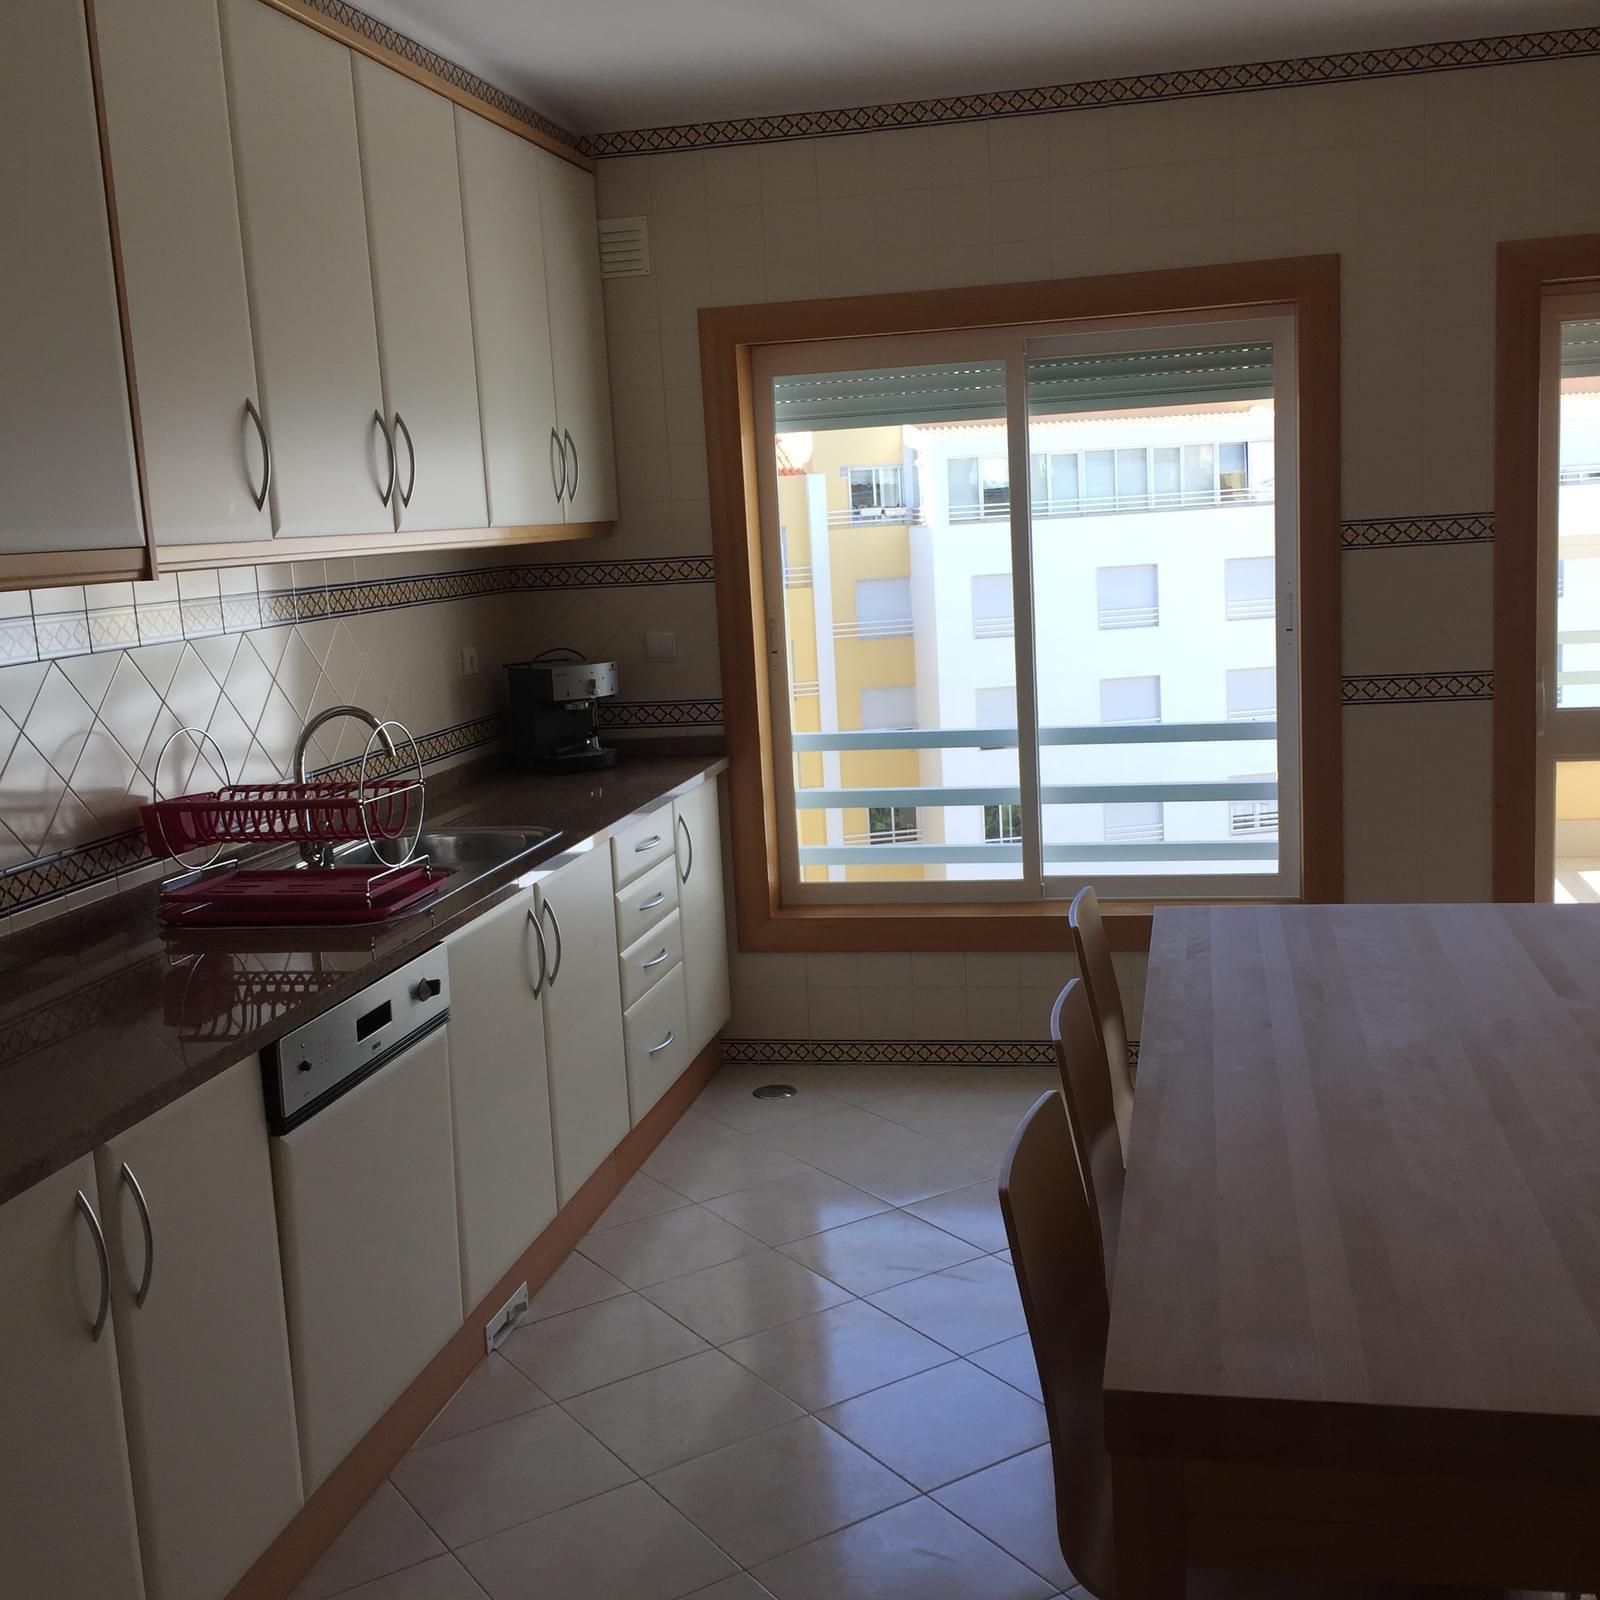 pf18450-apartamento-t3-cascais-d567dc22-999d-4284-ba69-e3b919ab380e